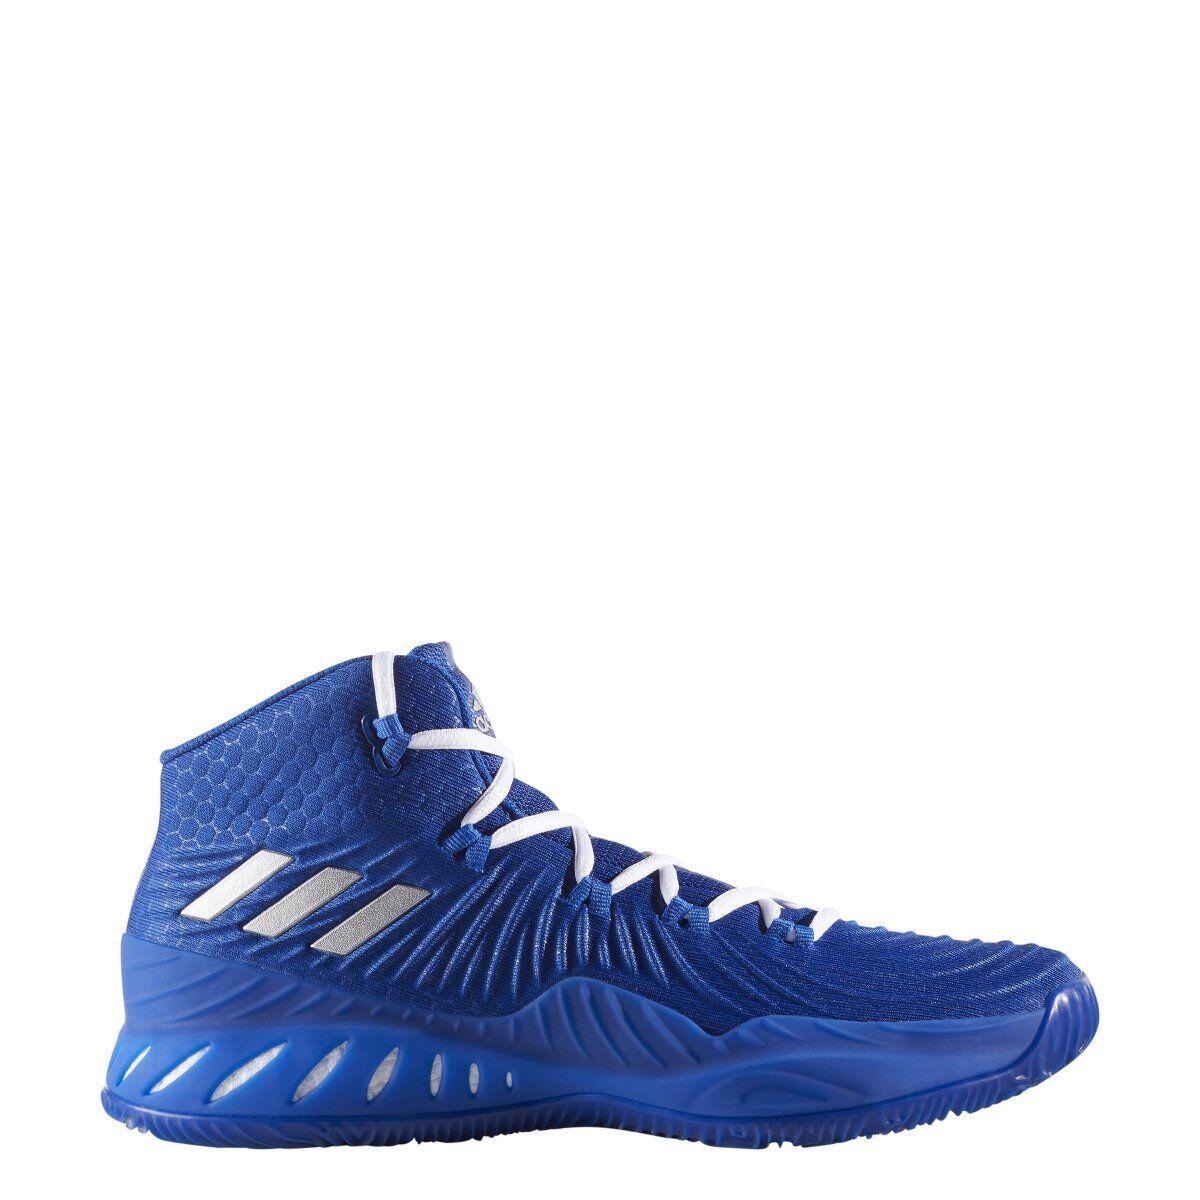 adidas Crazy Explosive 2018 Shoe Men's Basketball